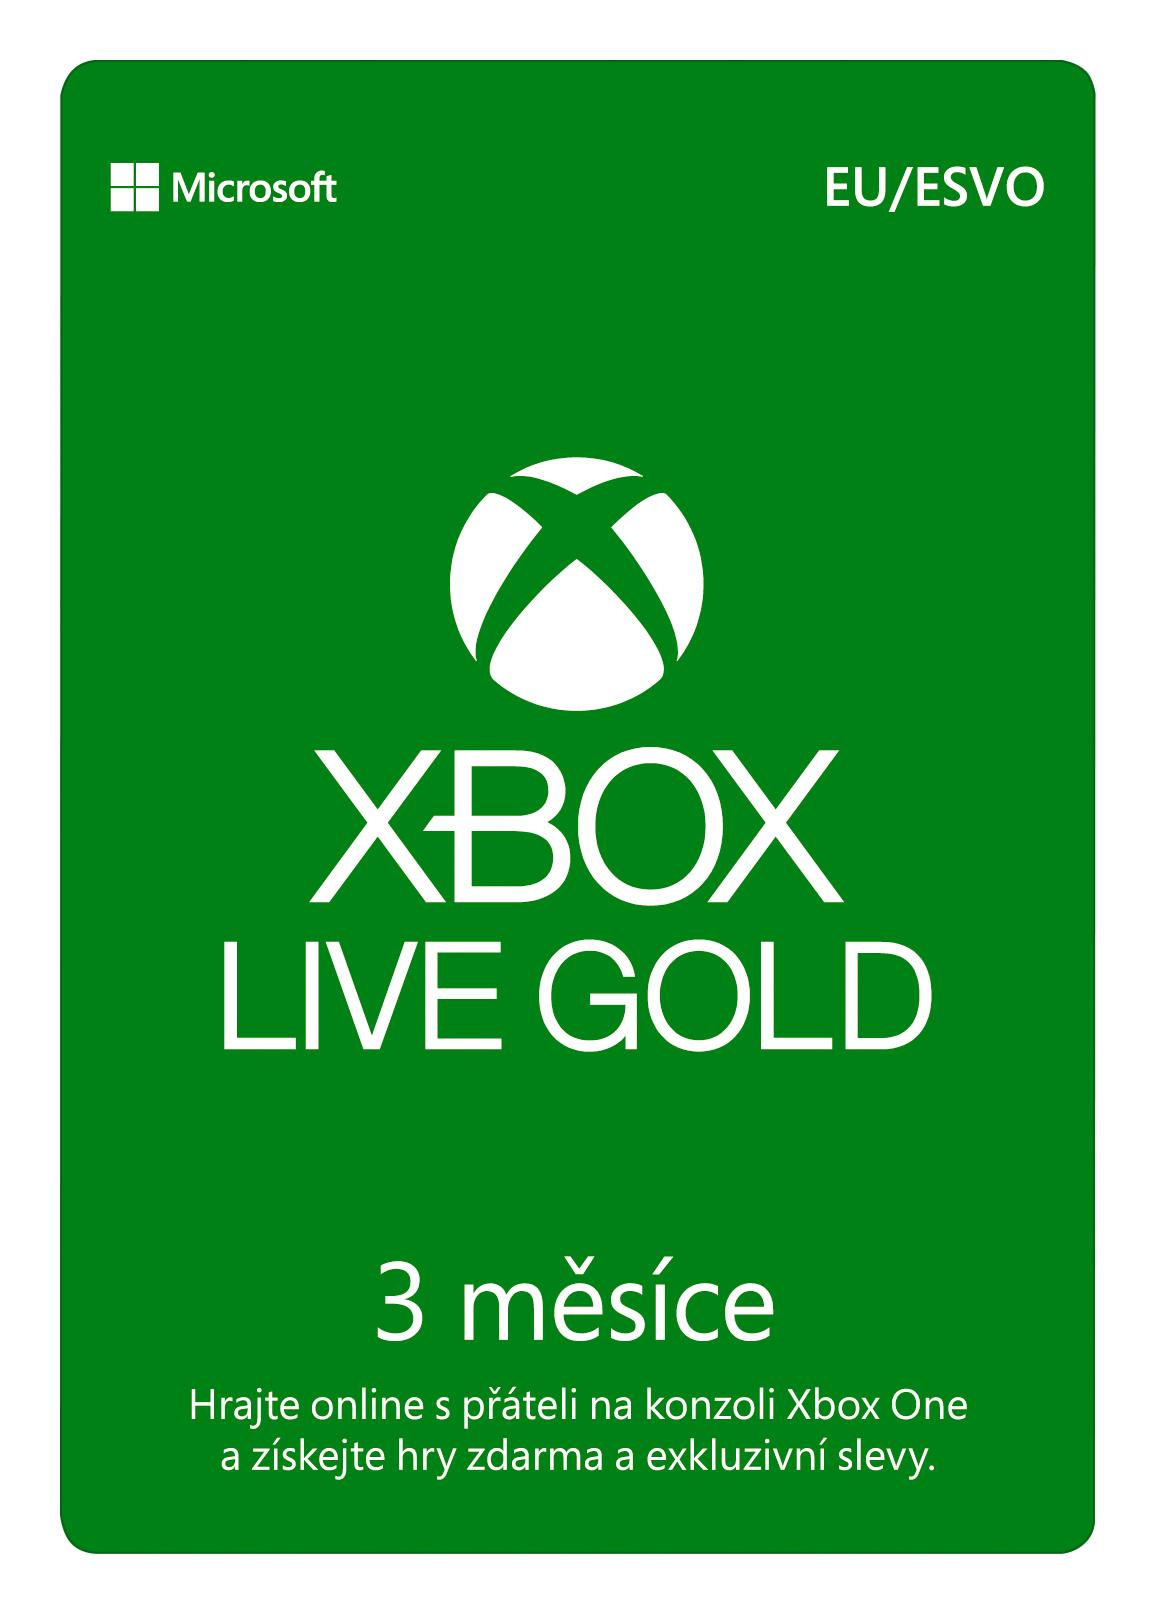 ESD XBOX - Zlaté členství Xbox Live Gold - 3 měsíce (EuroZone) - S2T-00009